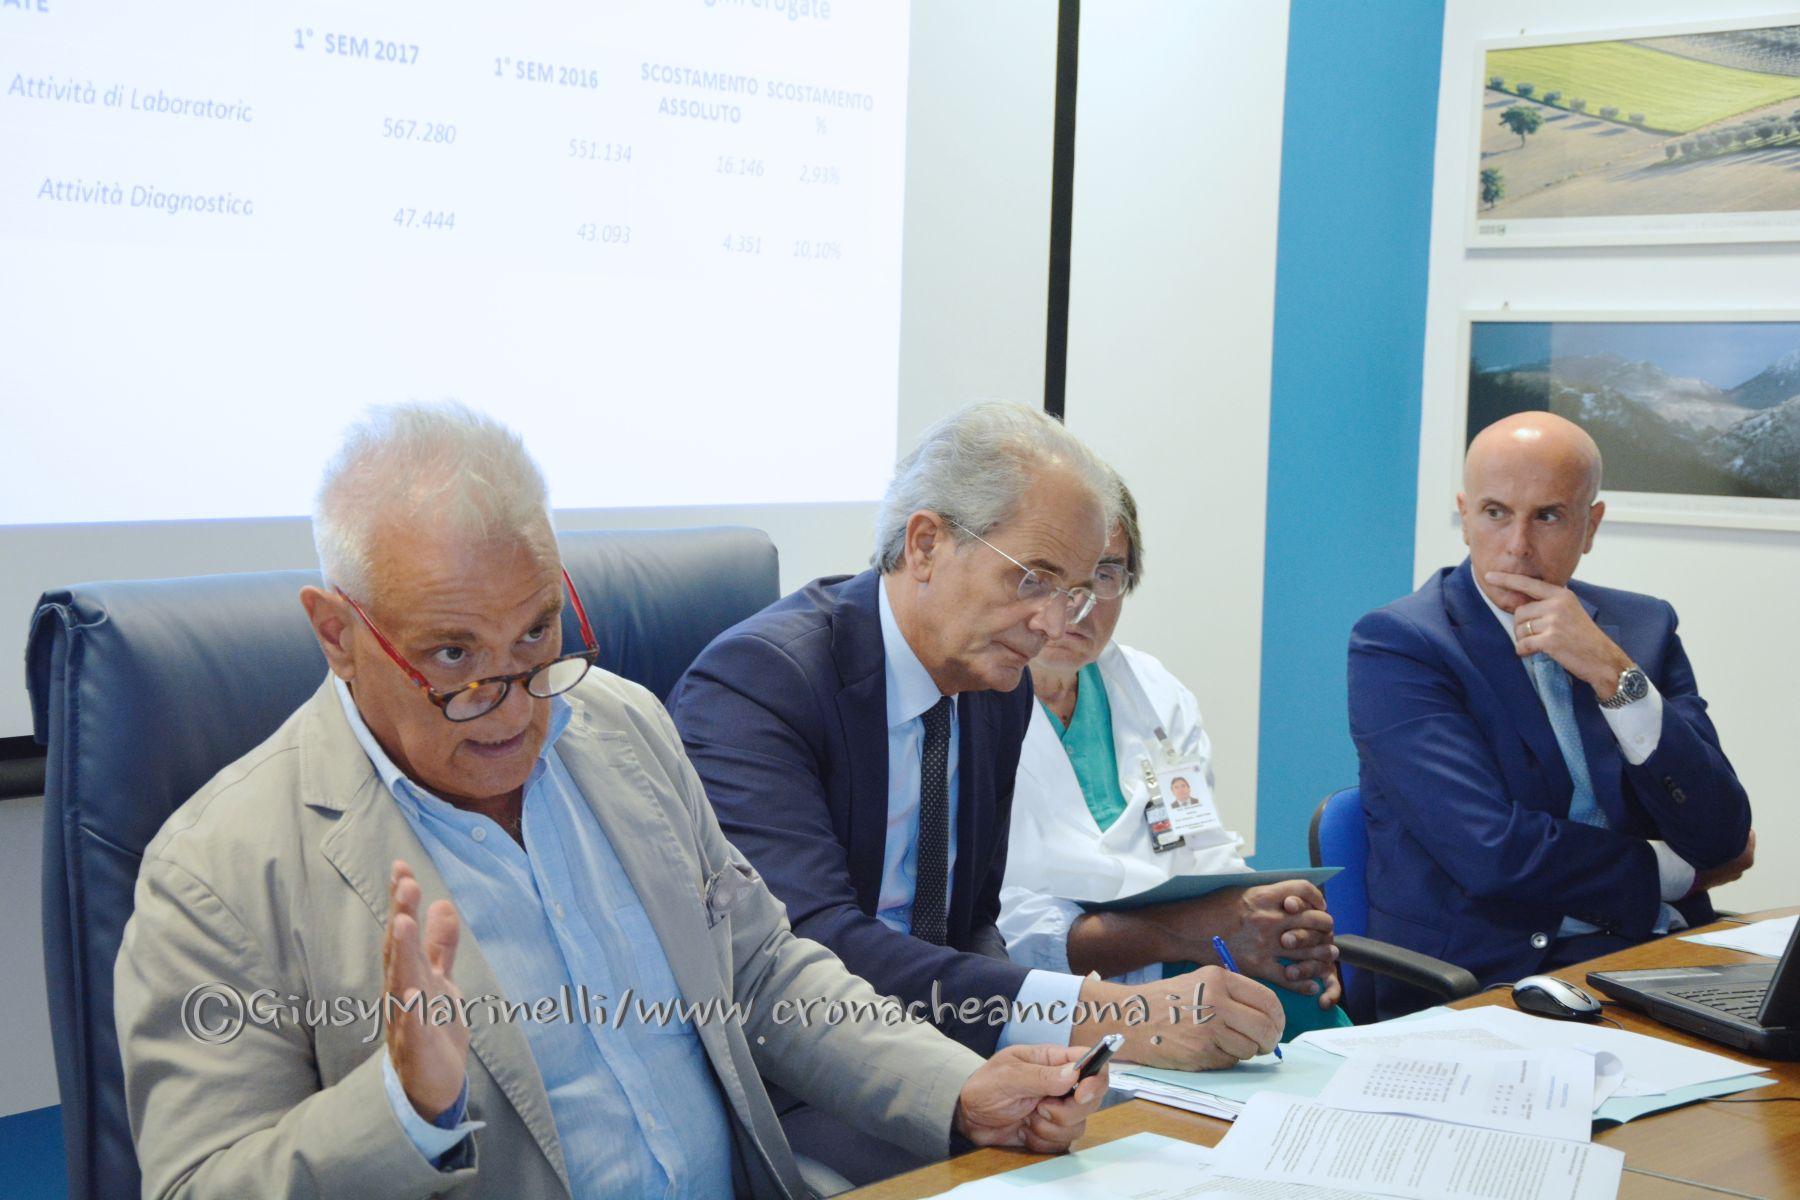 Ospedale_Torrette-dati-primari-DSC_0088-Caporossi-Longhi-Varaldo